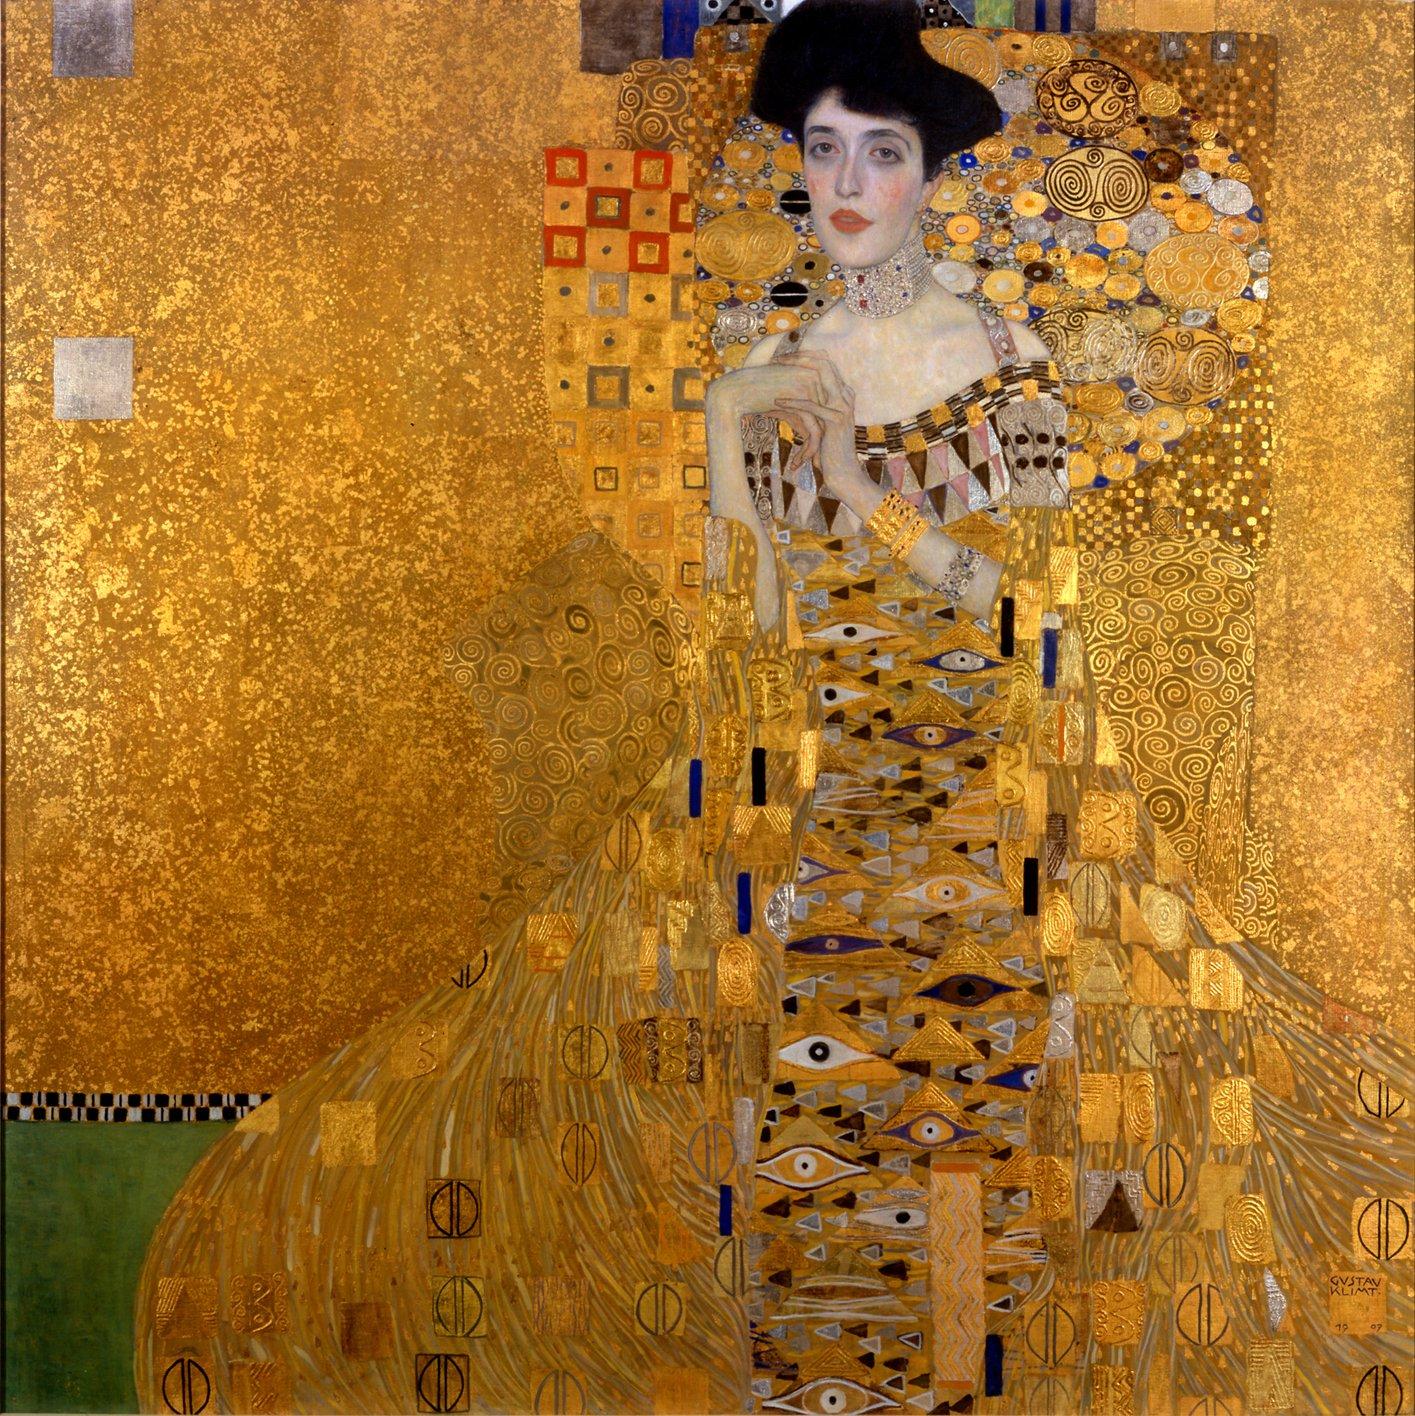 Retrato de Retrato de Adele Bloch-Bauer I de Gustav Klimt